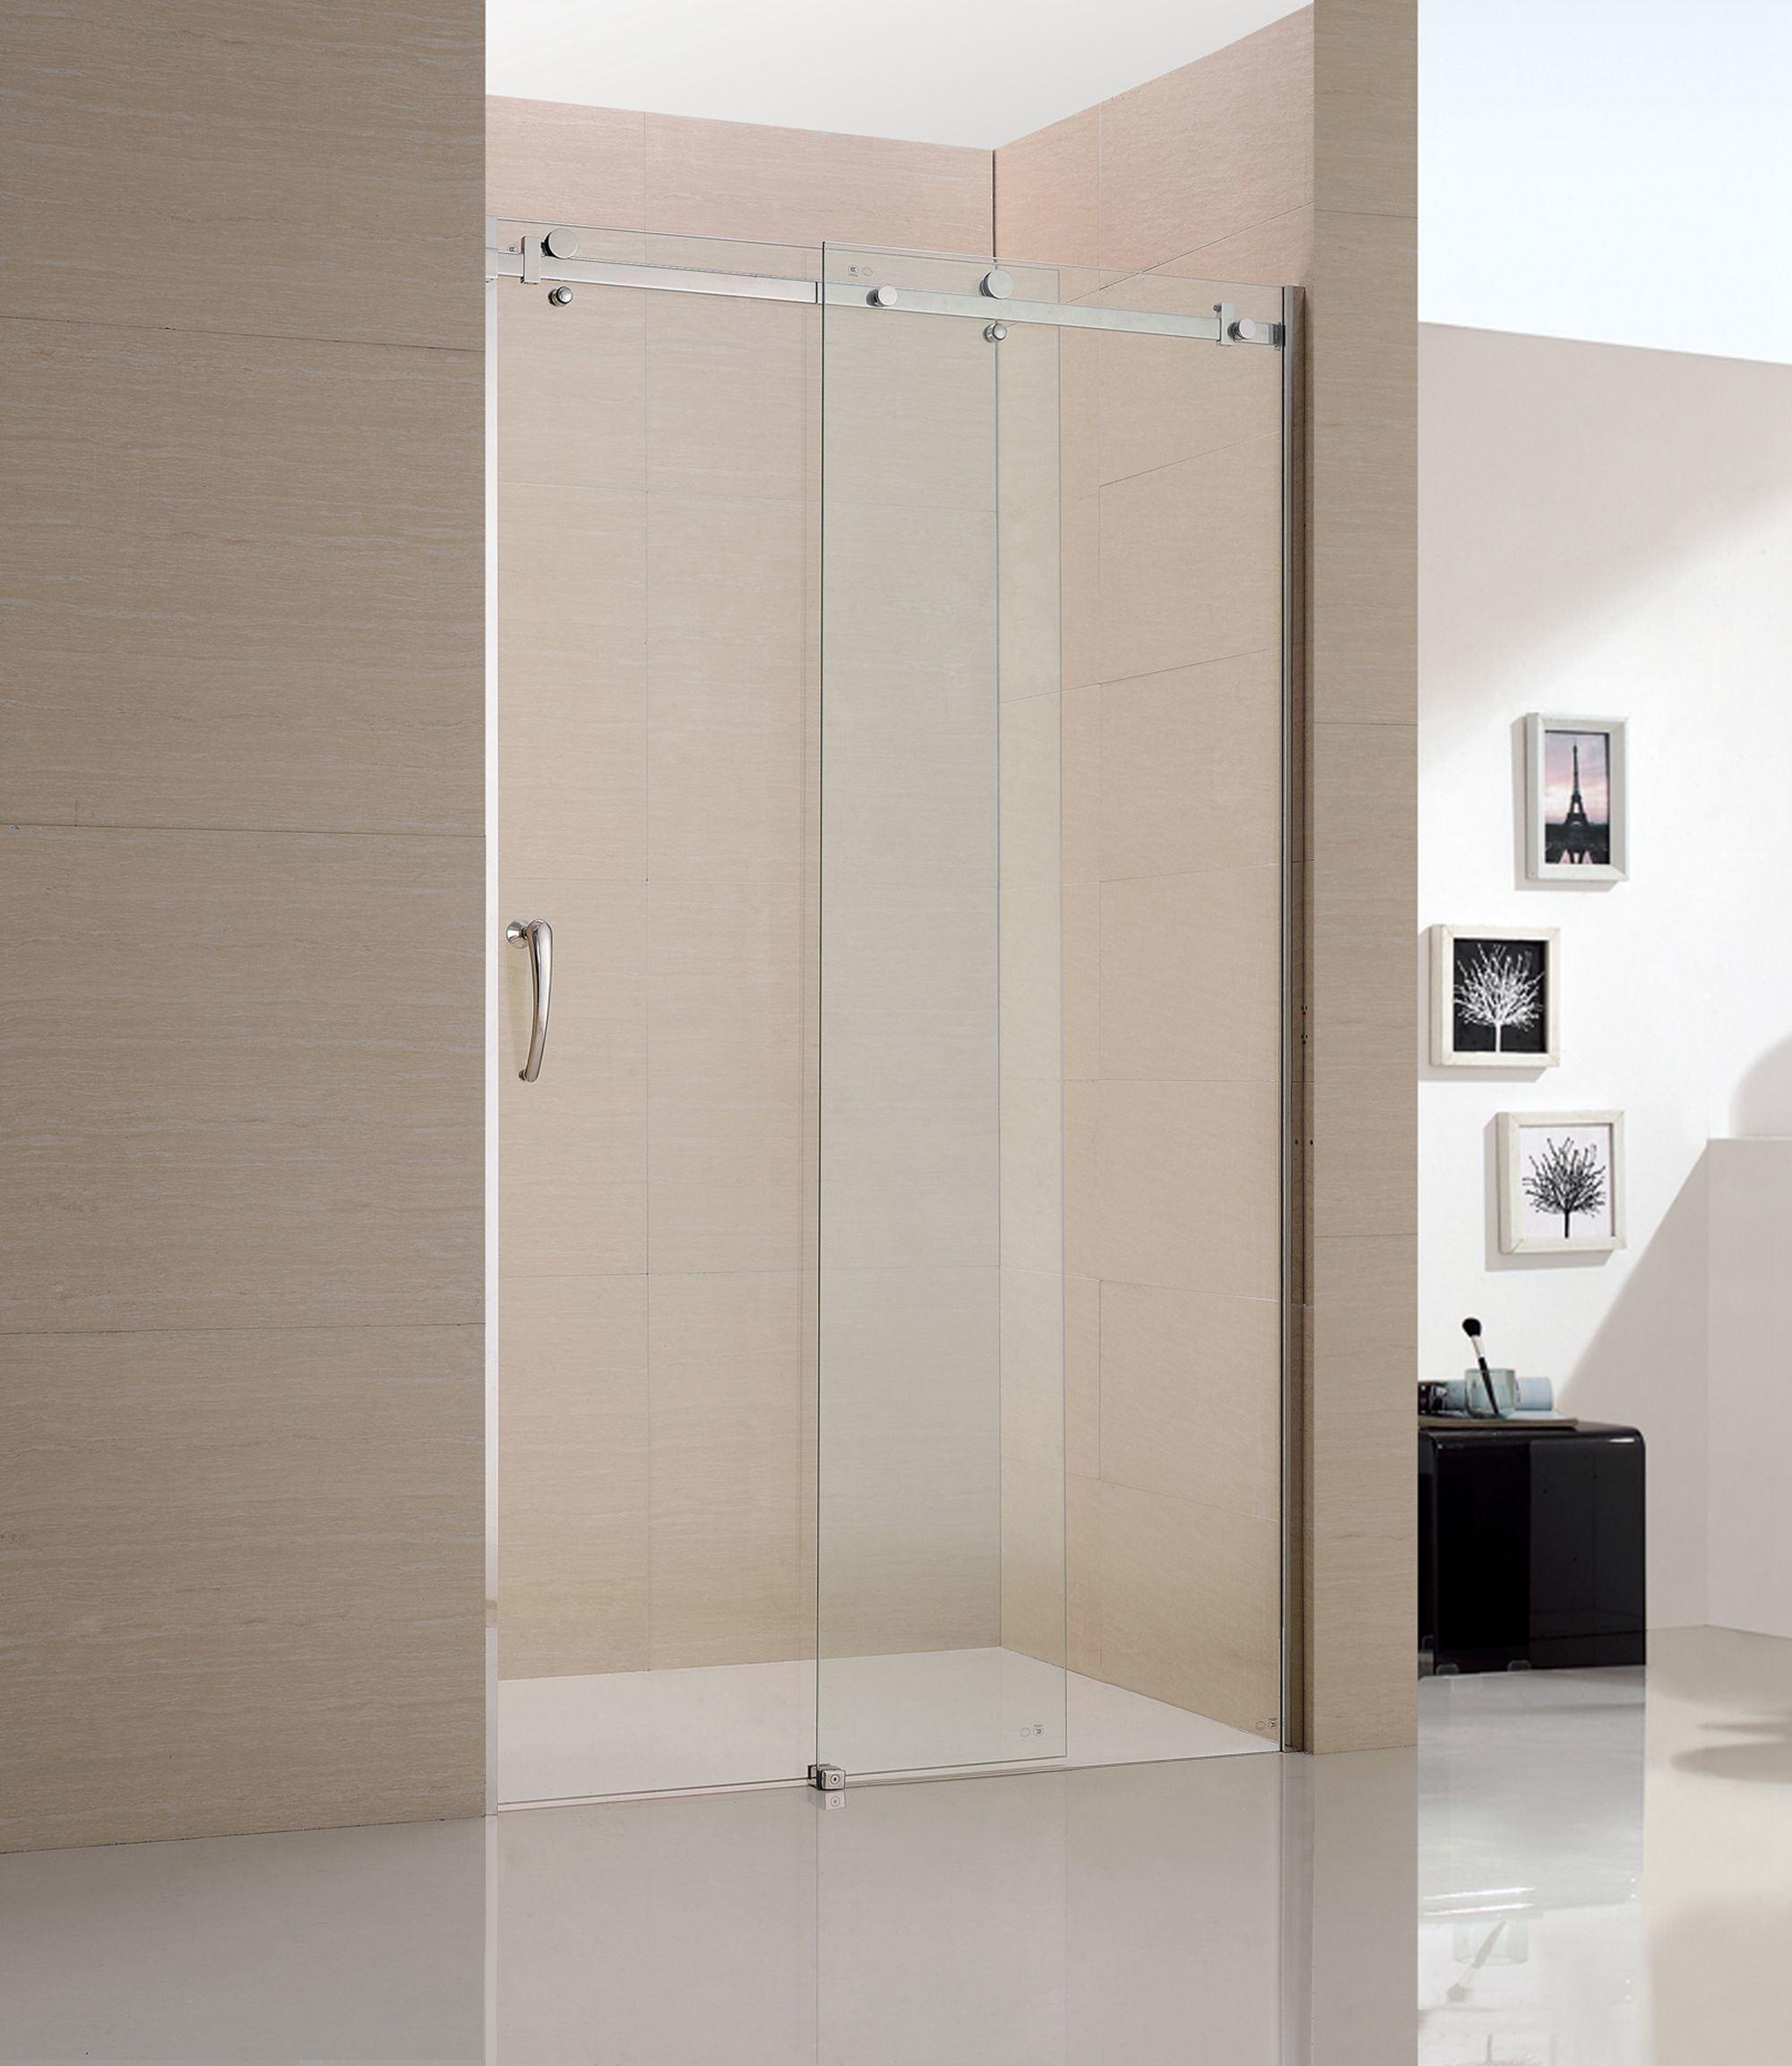 China 1 Sliding Door 1 Fixed Panel S S Shower Screen Shower Door